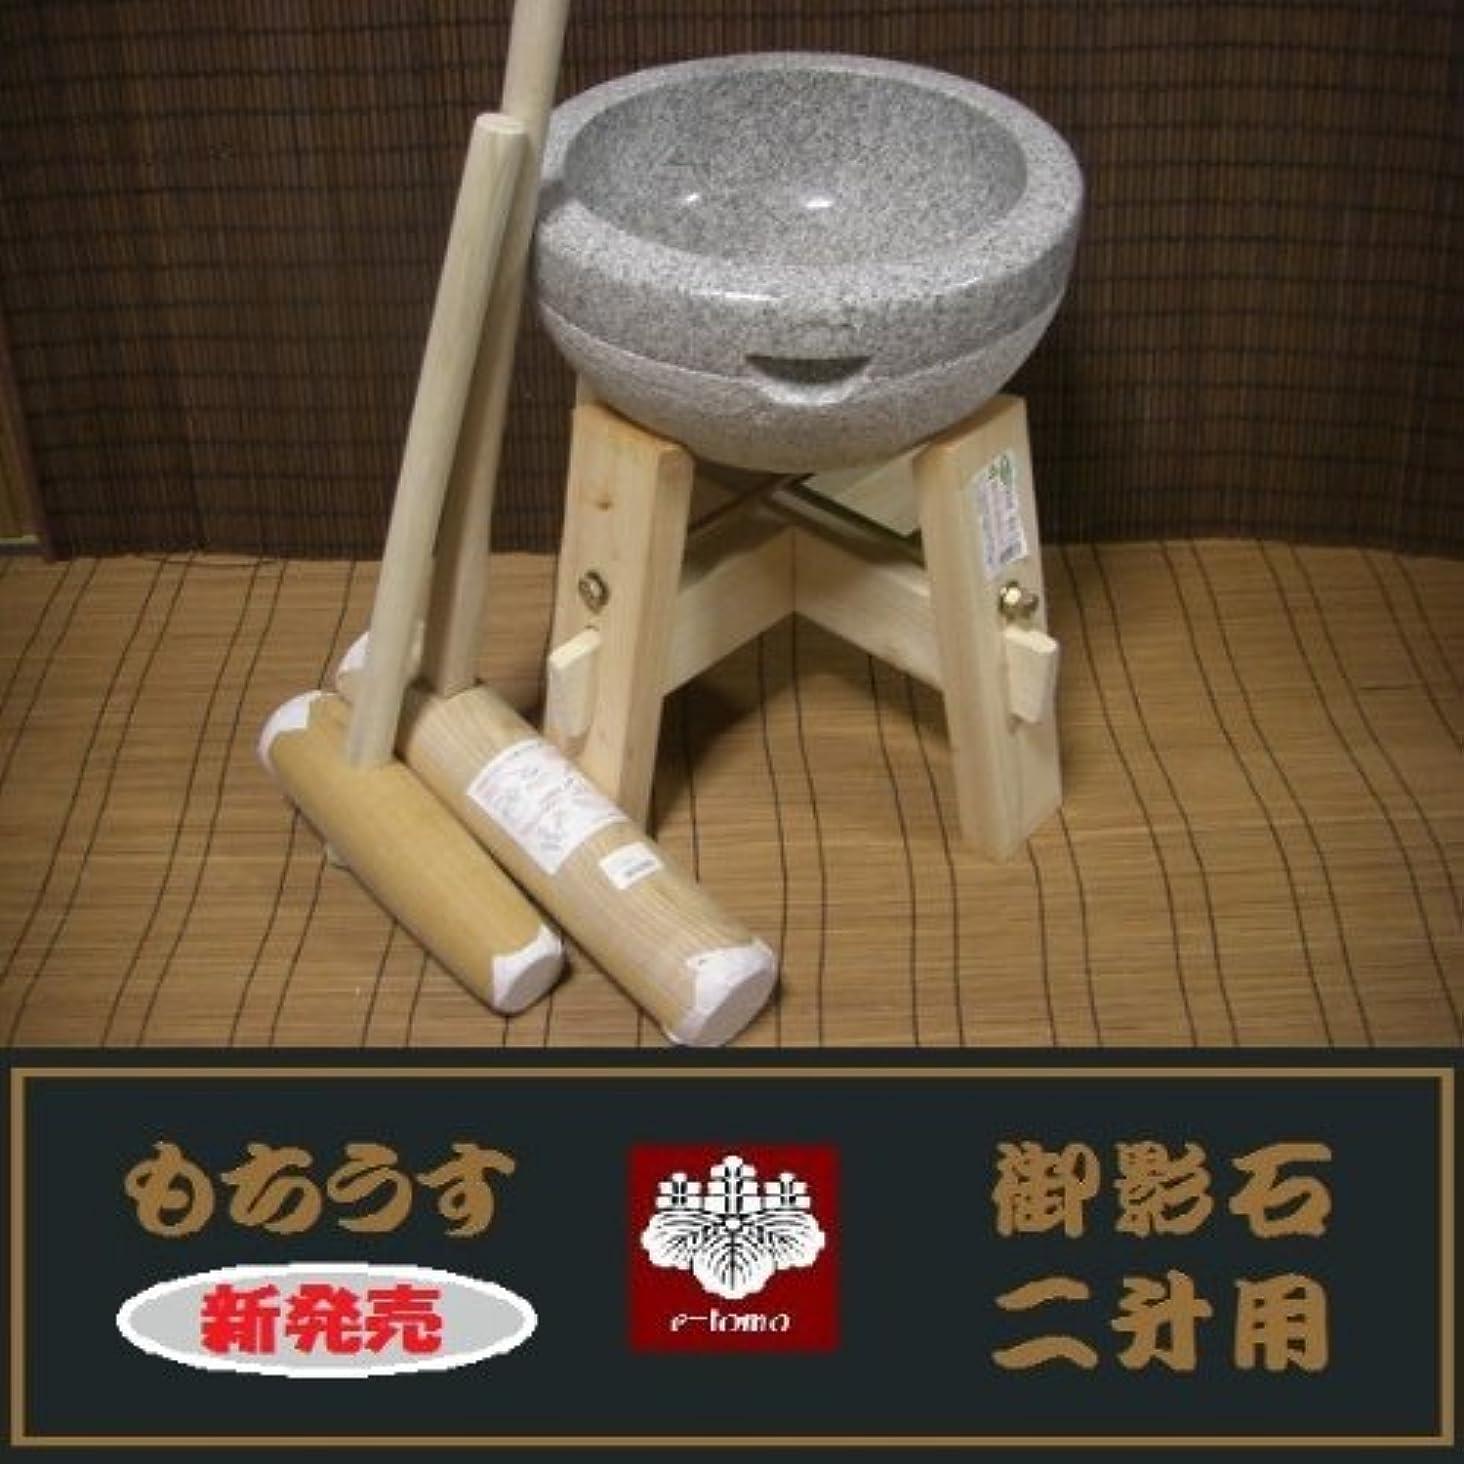 ワイプスキニー素子餅つき道具 二升用臼 木台?杵S?小槌杵セット(teto241)